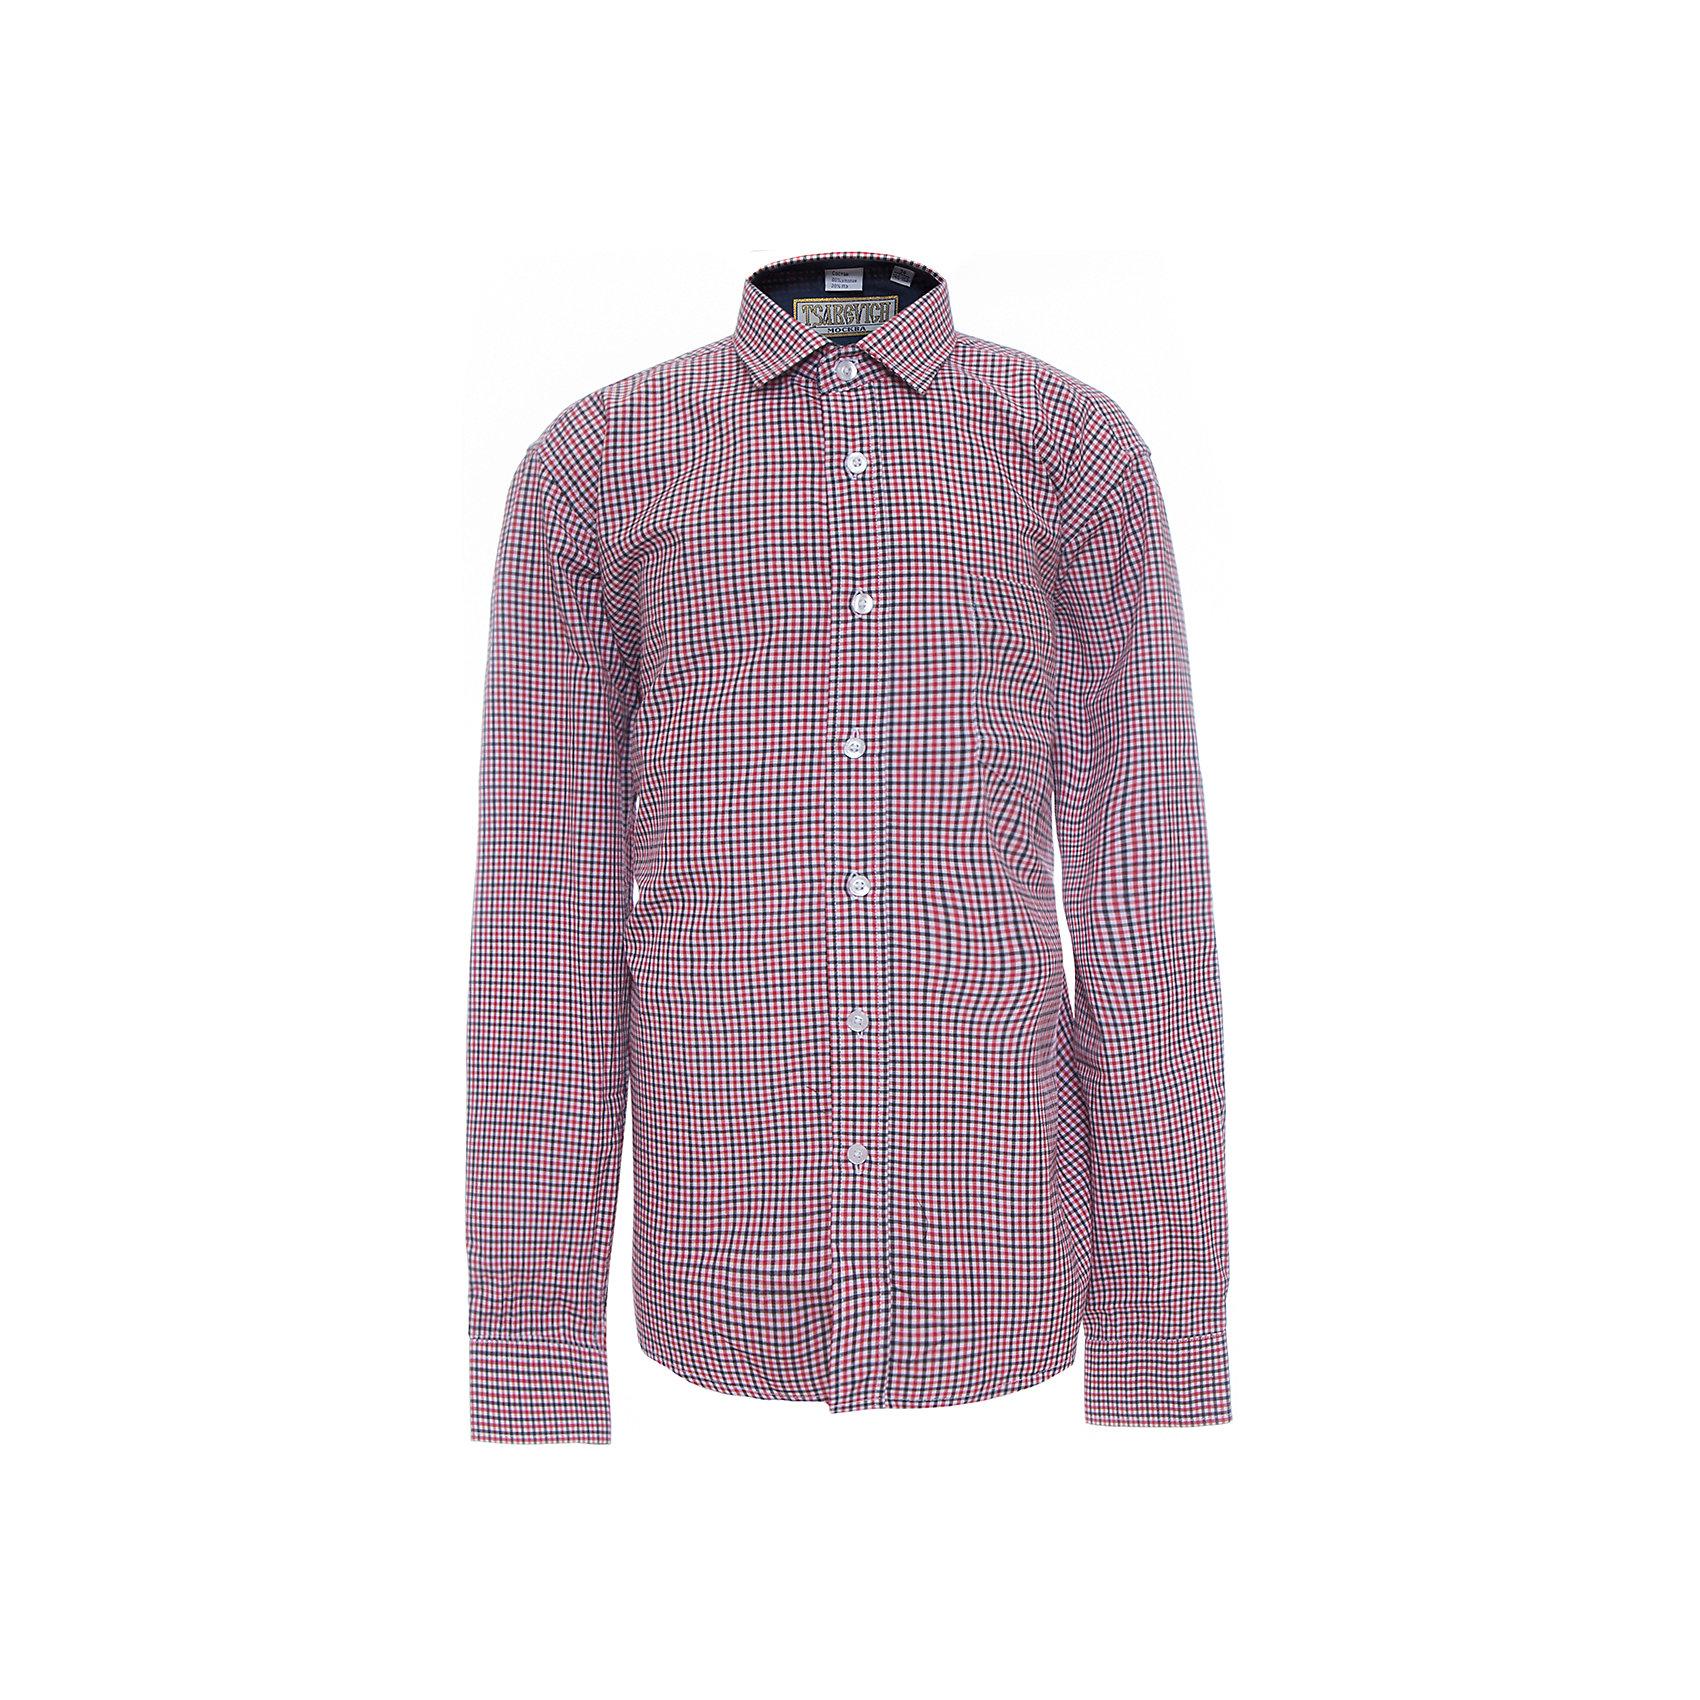 Рубашка для мальчика  TsarevichБлузки и рубашки<br>Рубашка для мальчика от российской марки Tsarevich.<br>Состав:<br>65% хлопок 35% полиэстер<br><br>Ширина мм: 174<br>Глубина мм: 10<br>Высота мм: 169<br>Вес г: 157<br>Цвет: разноцветный<br>Возраст от месяцев: 144<br>Возраст до месяцев: 156<br>Пол: Мужской<br>Возраст: Детский<br>Размер: 152/158,164/170,146/152,134/140,128/134,122/128,140/146,158/164<br>SKU: 4163637